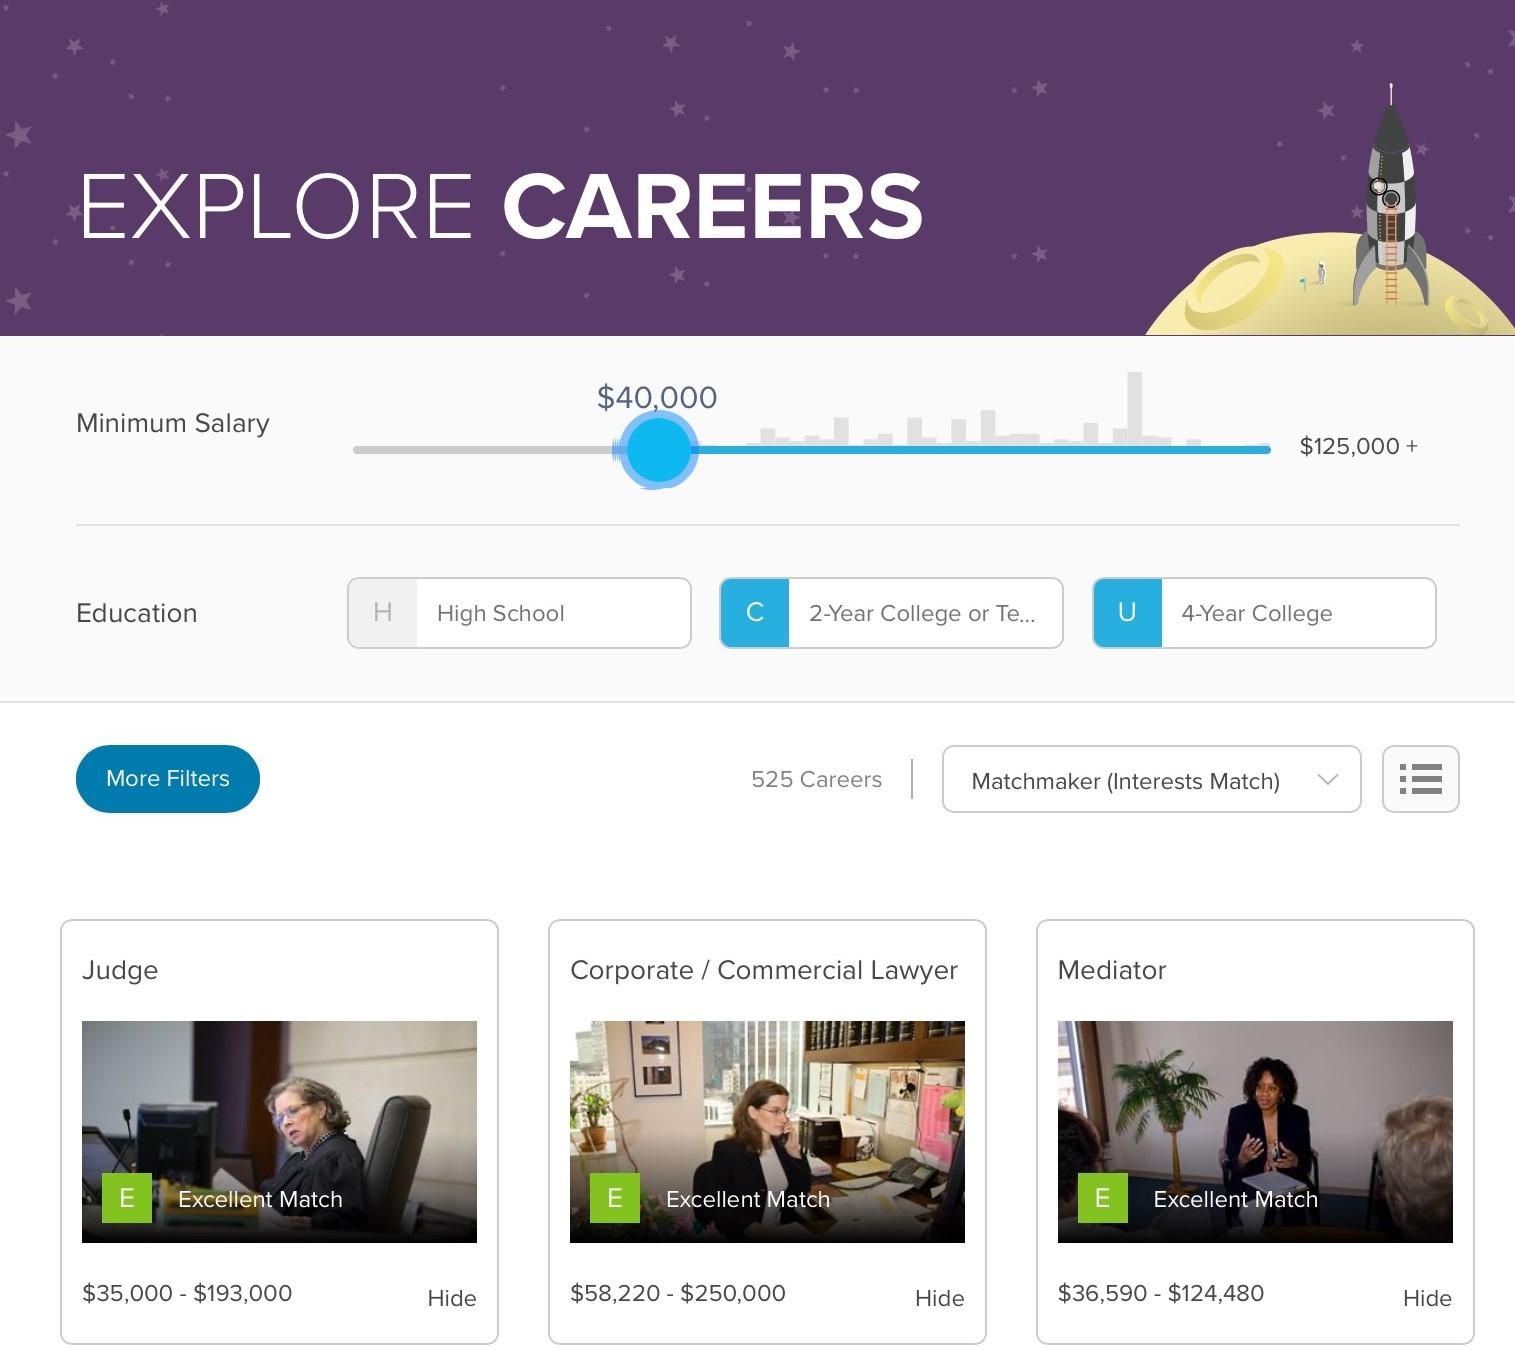 Xello - Explore Careers